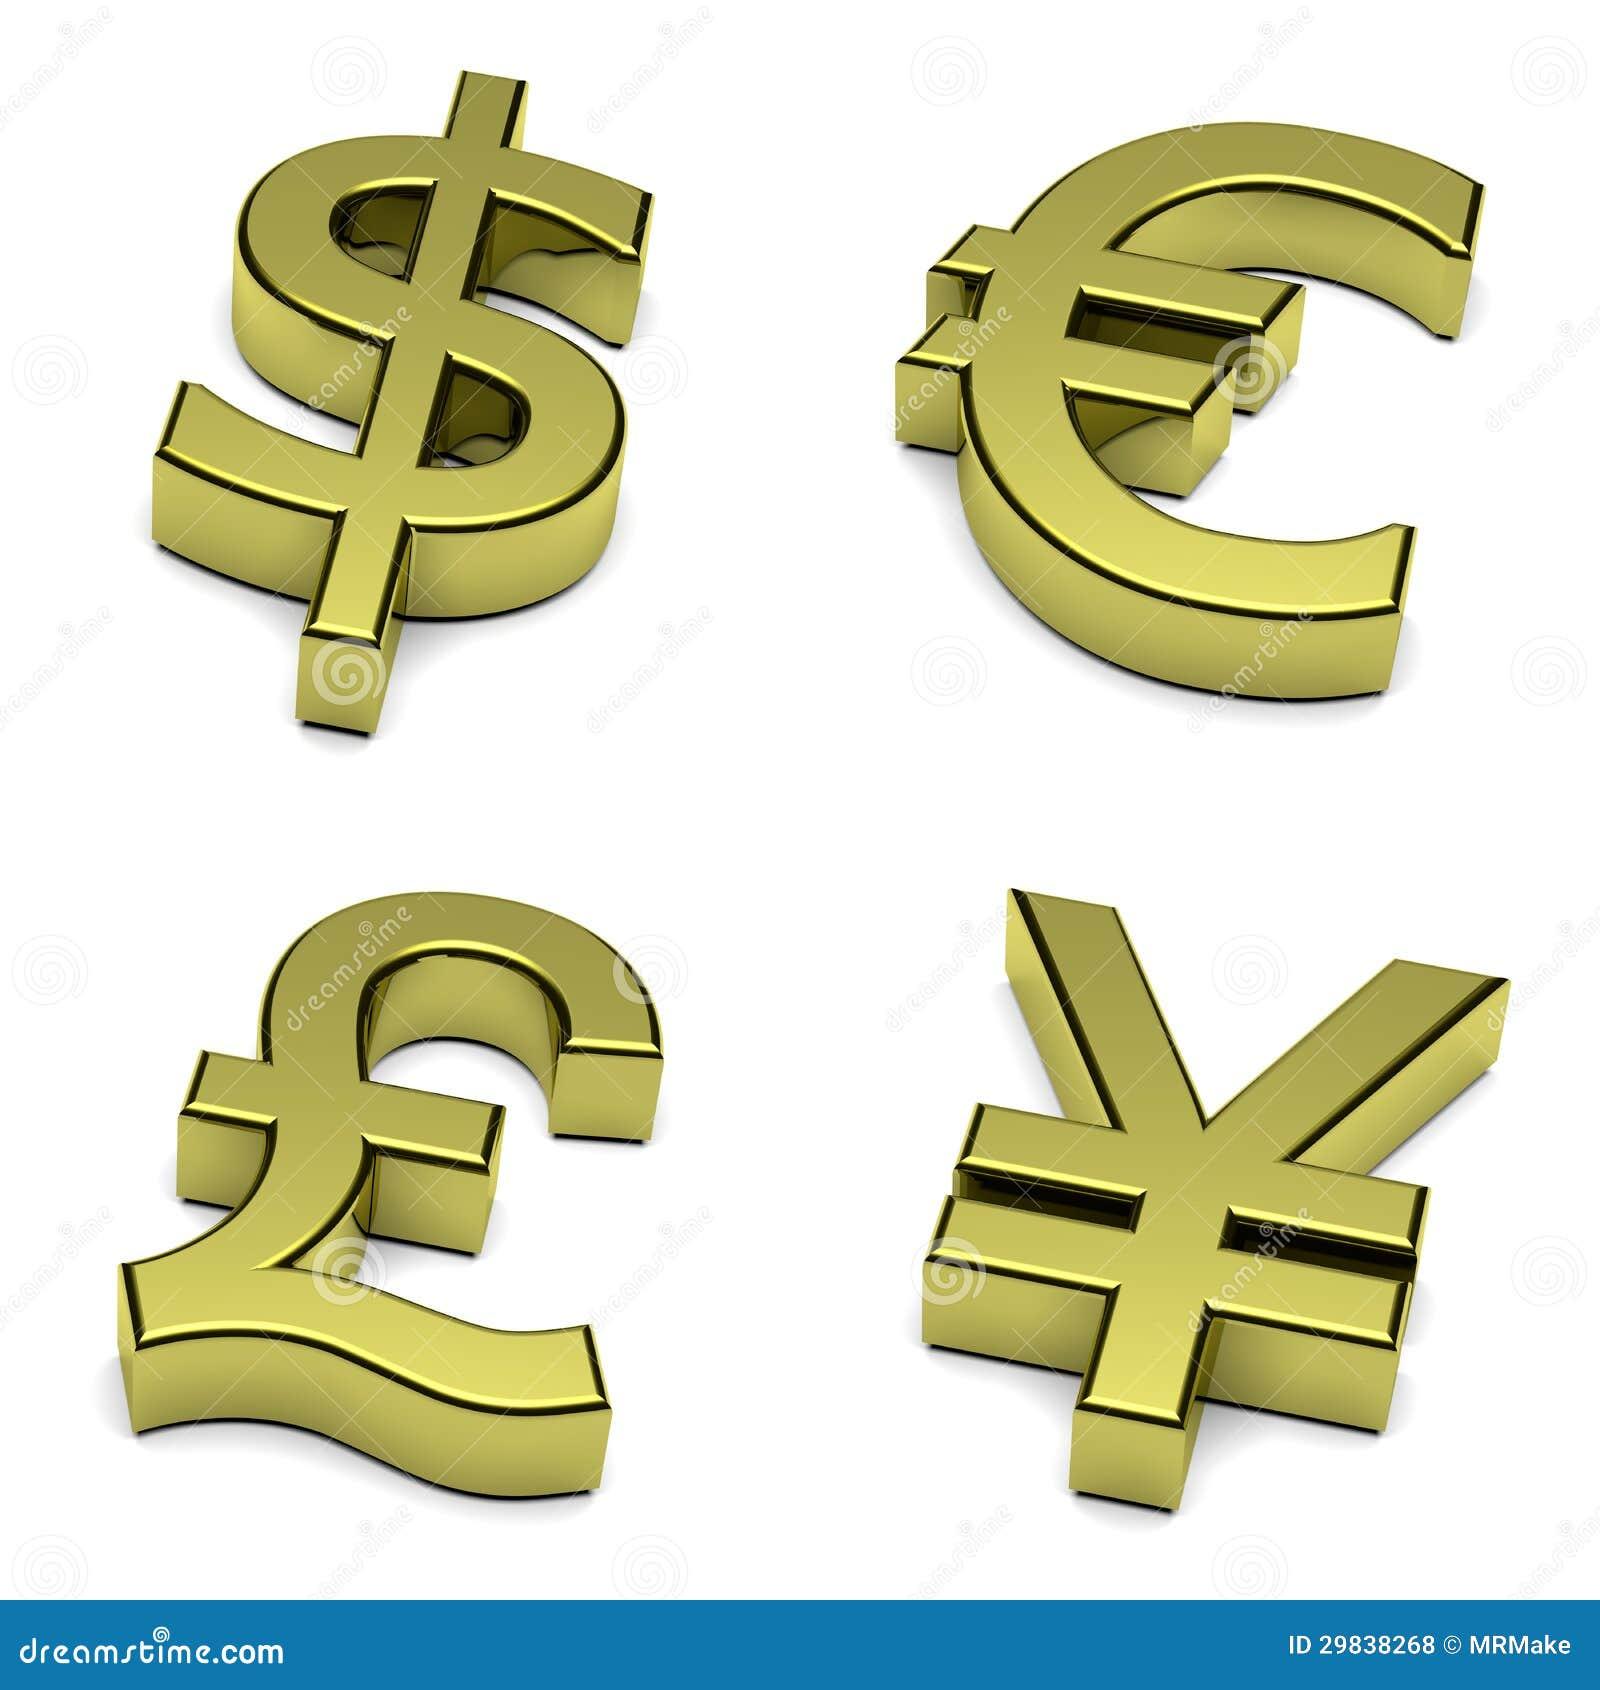 Cambio de Euro (EUR) a Libra Esterlina (GBP)